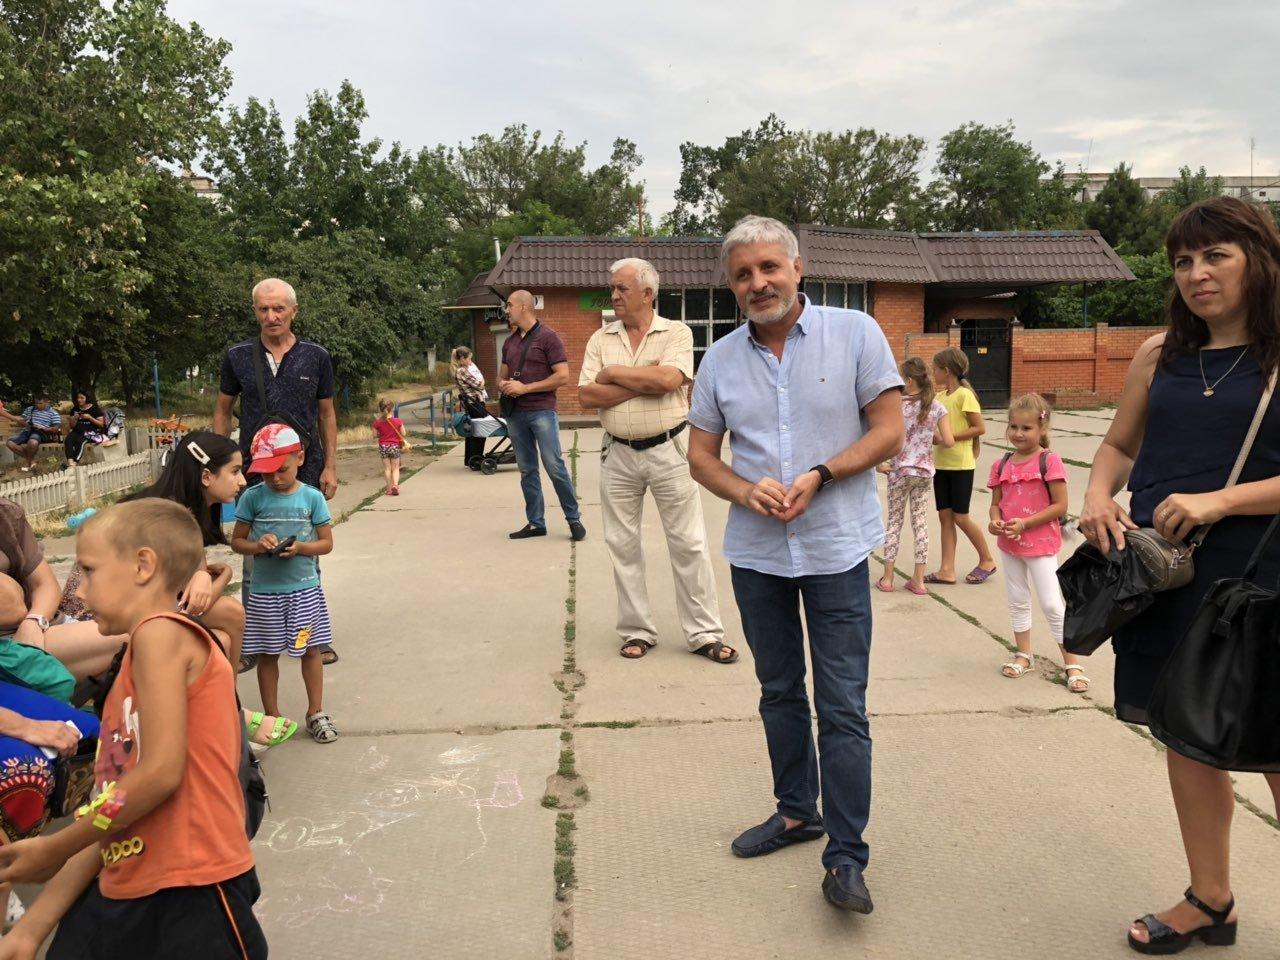 Юрий Щуклин: Бердянск и прилегающие к нему районы готовы к решительным переменам, фото-5